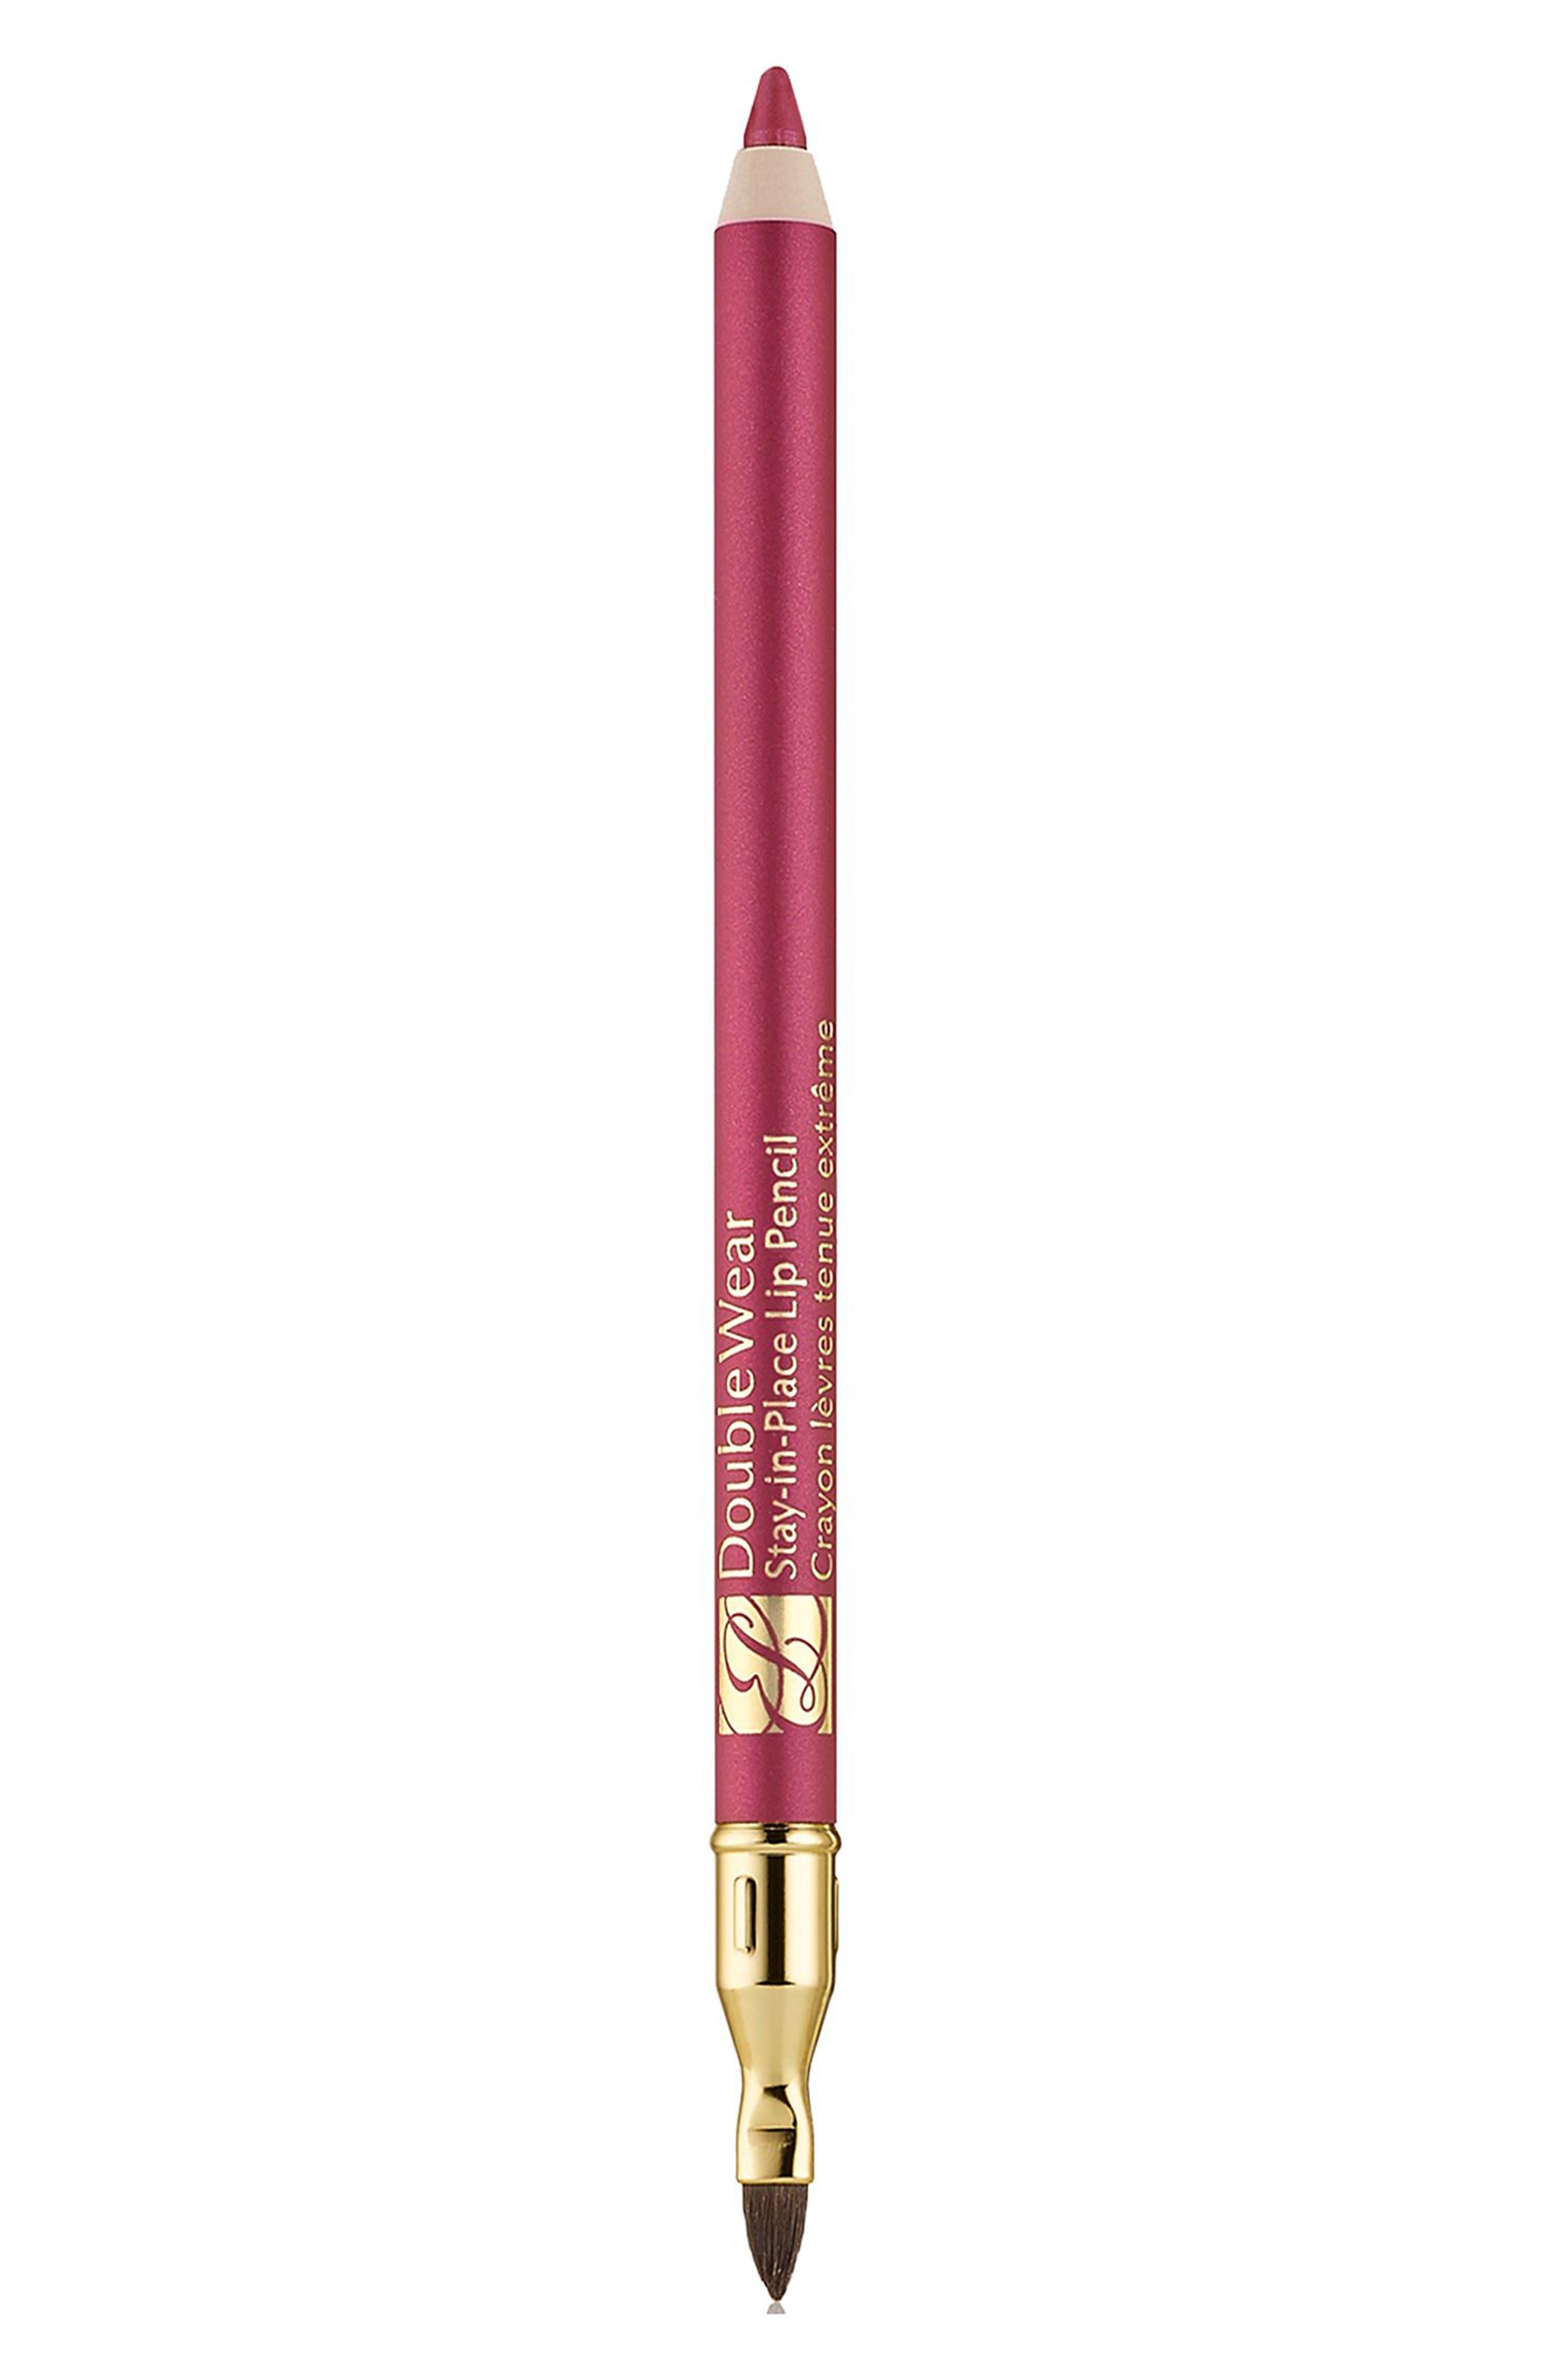 Estee Lauder Double Wear Stay-In-Place Lip Pencil - Wine